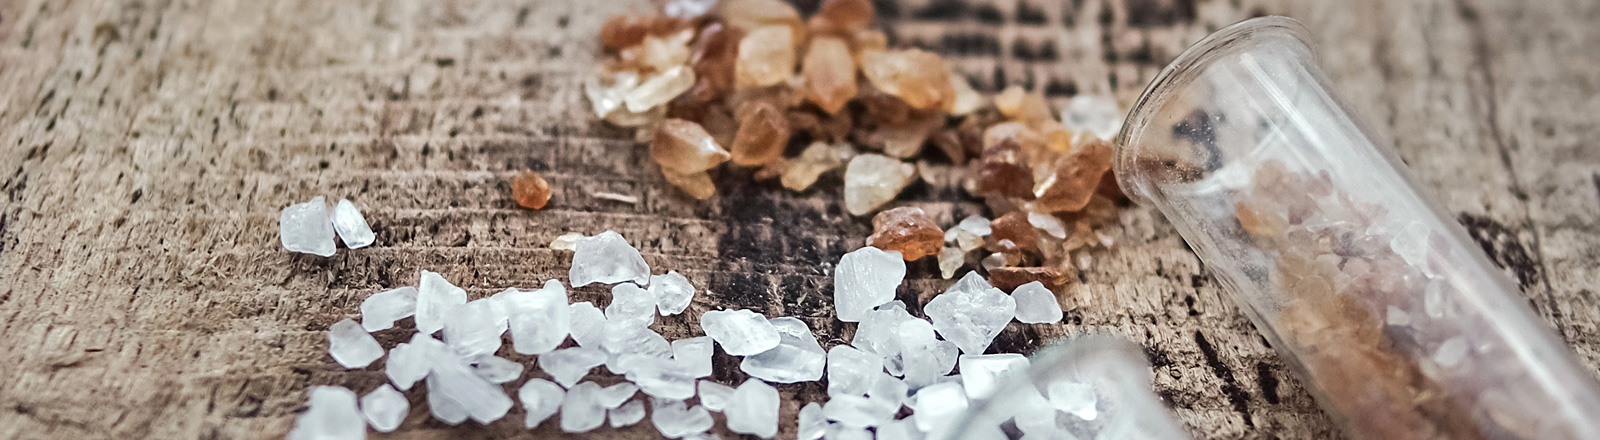 Auf Holz liegen weiße und braune Zuckerstücke sowie zwei gläserne Röhrchen.